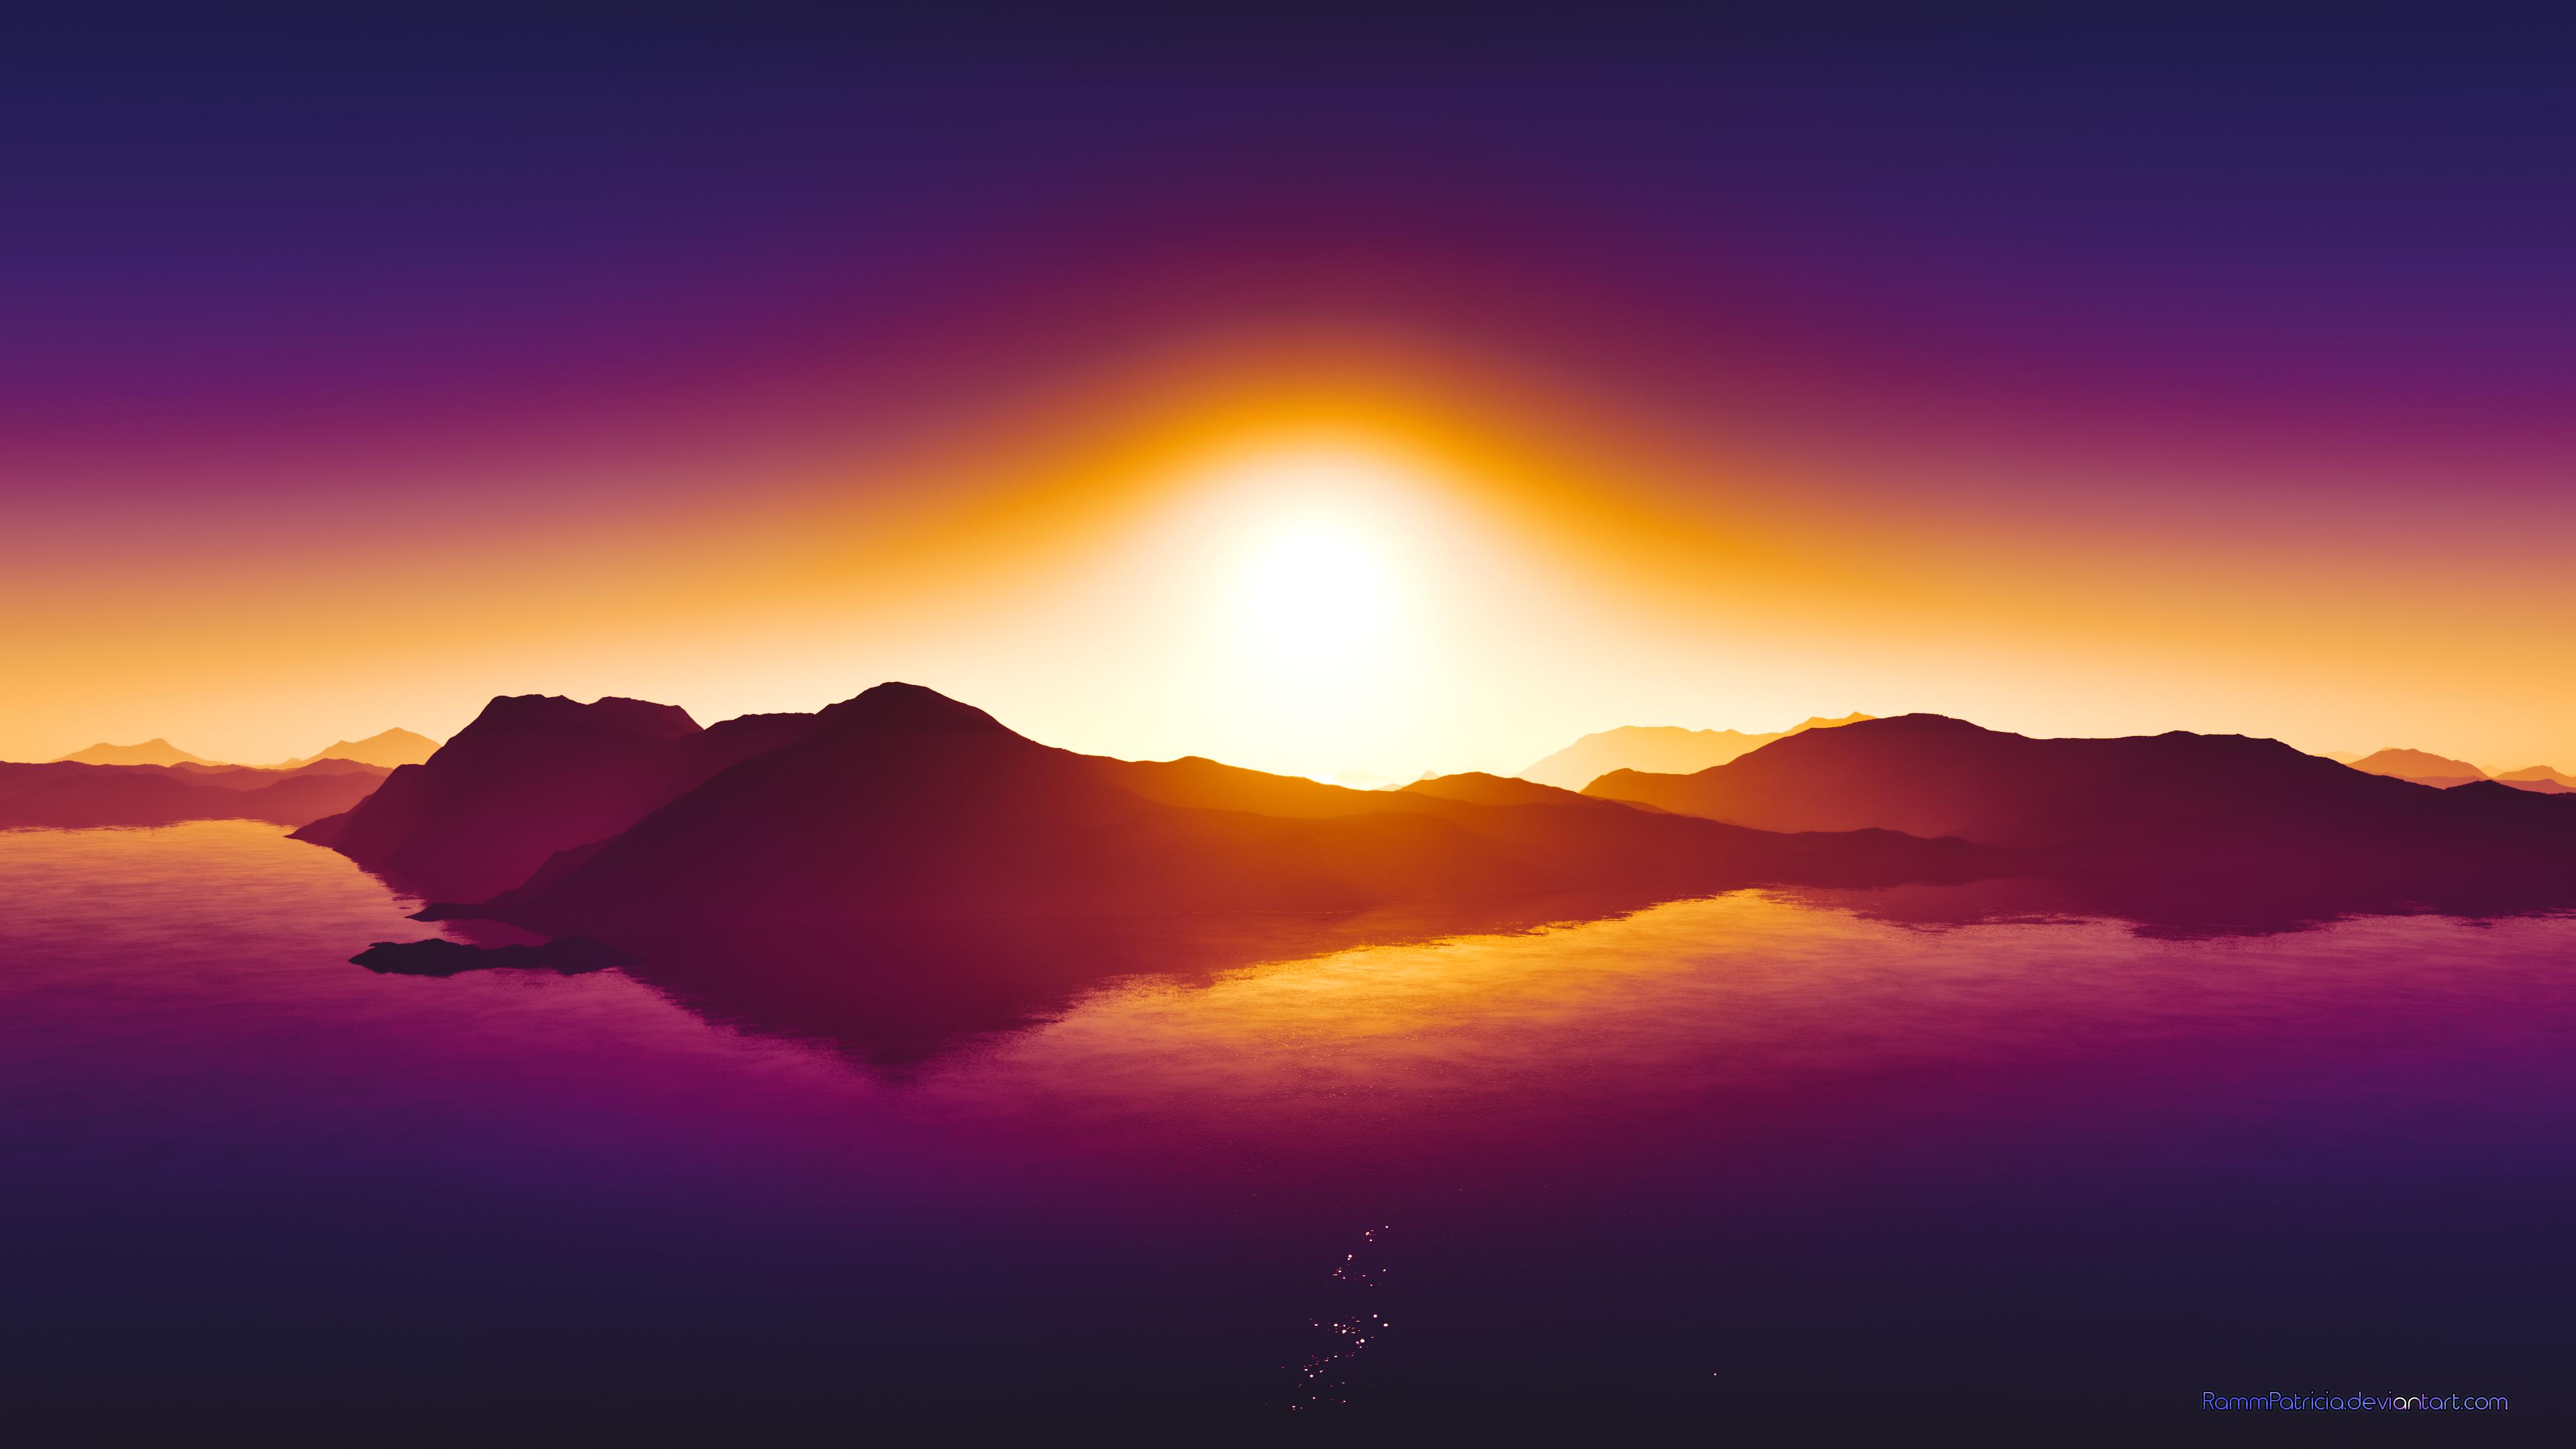 4k Summer Sunset Wallpaper, HD Nature 4K Wallpapers ...